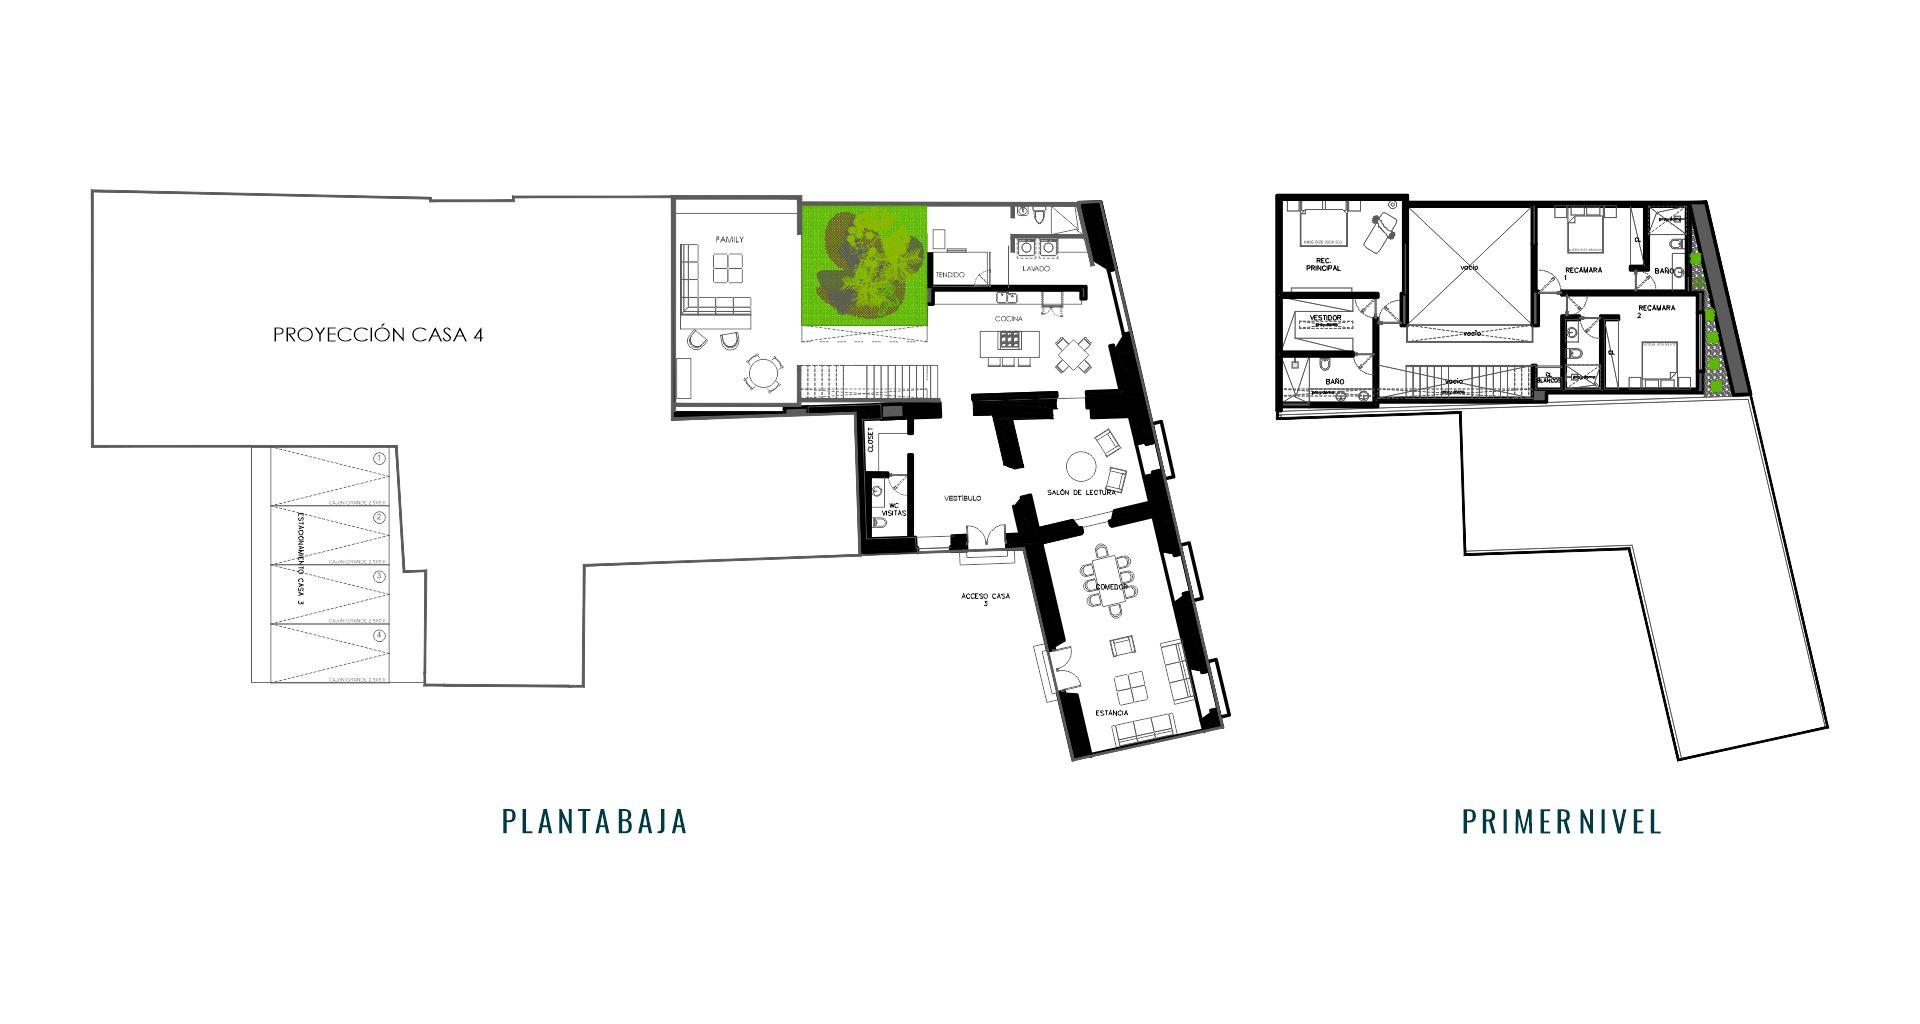 casa en venta en Coyoacán $33.1 mdp Francisco Sosa Mexihom